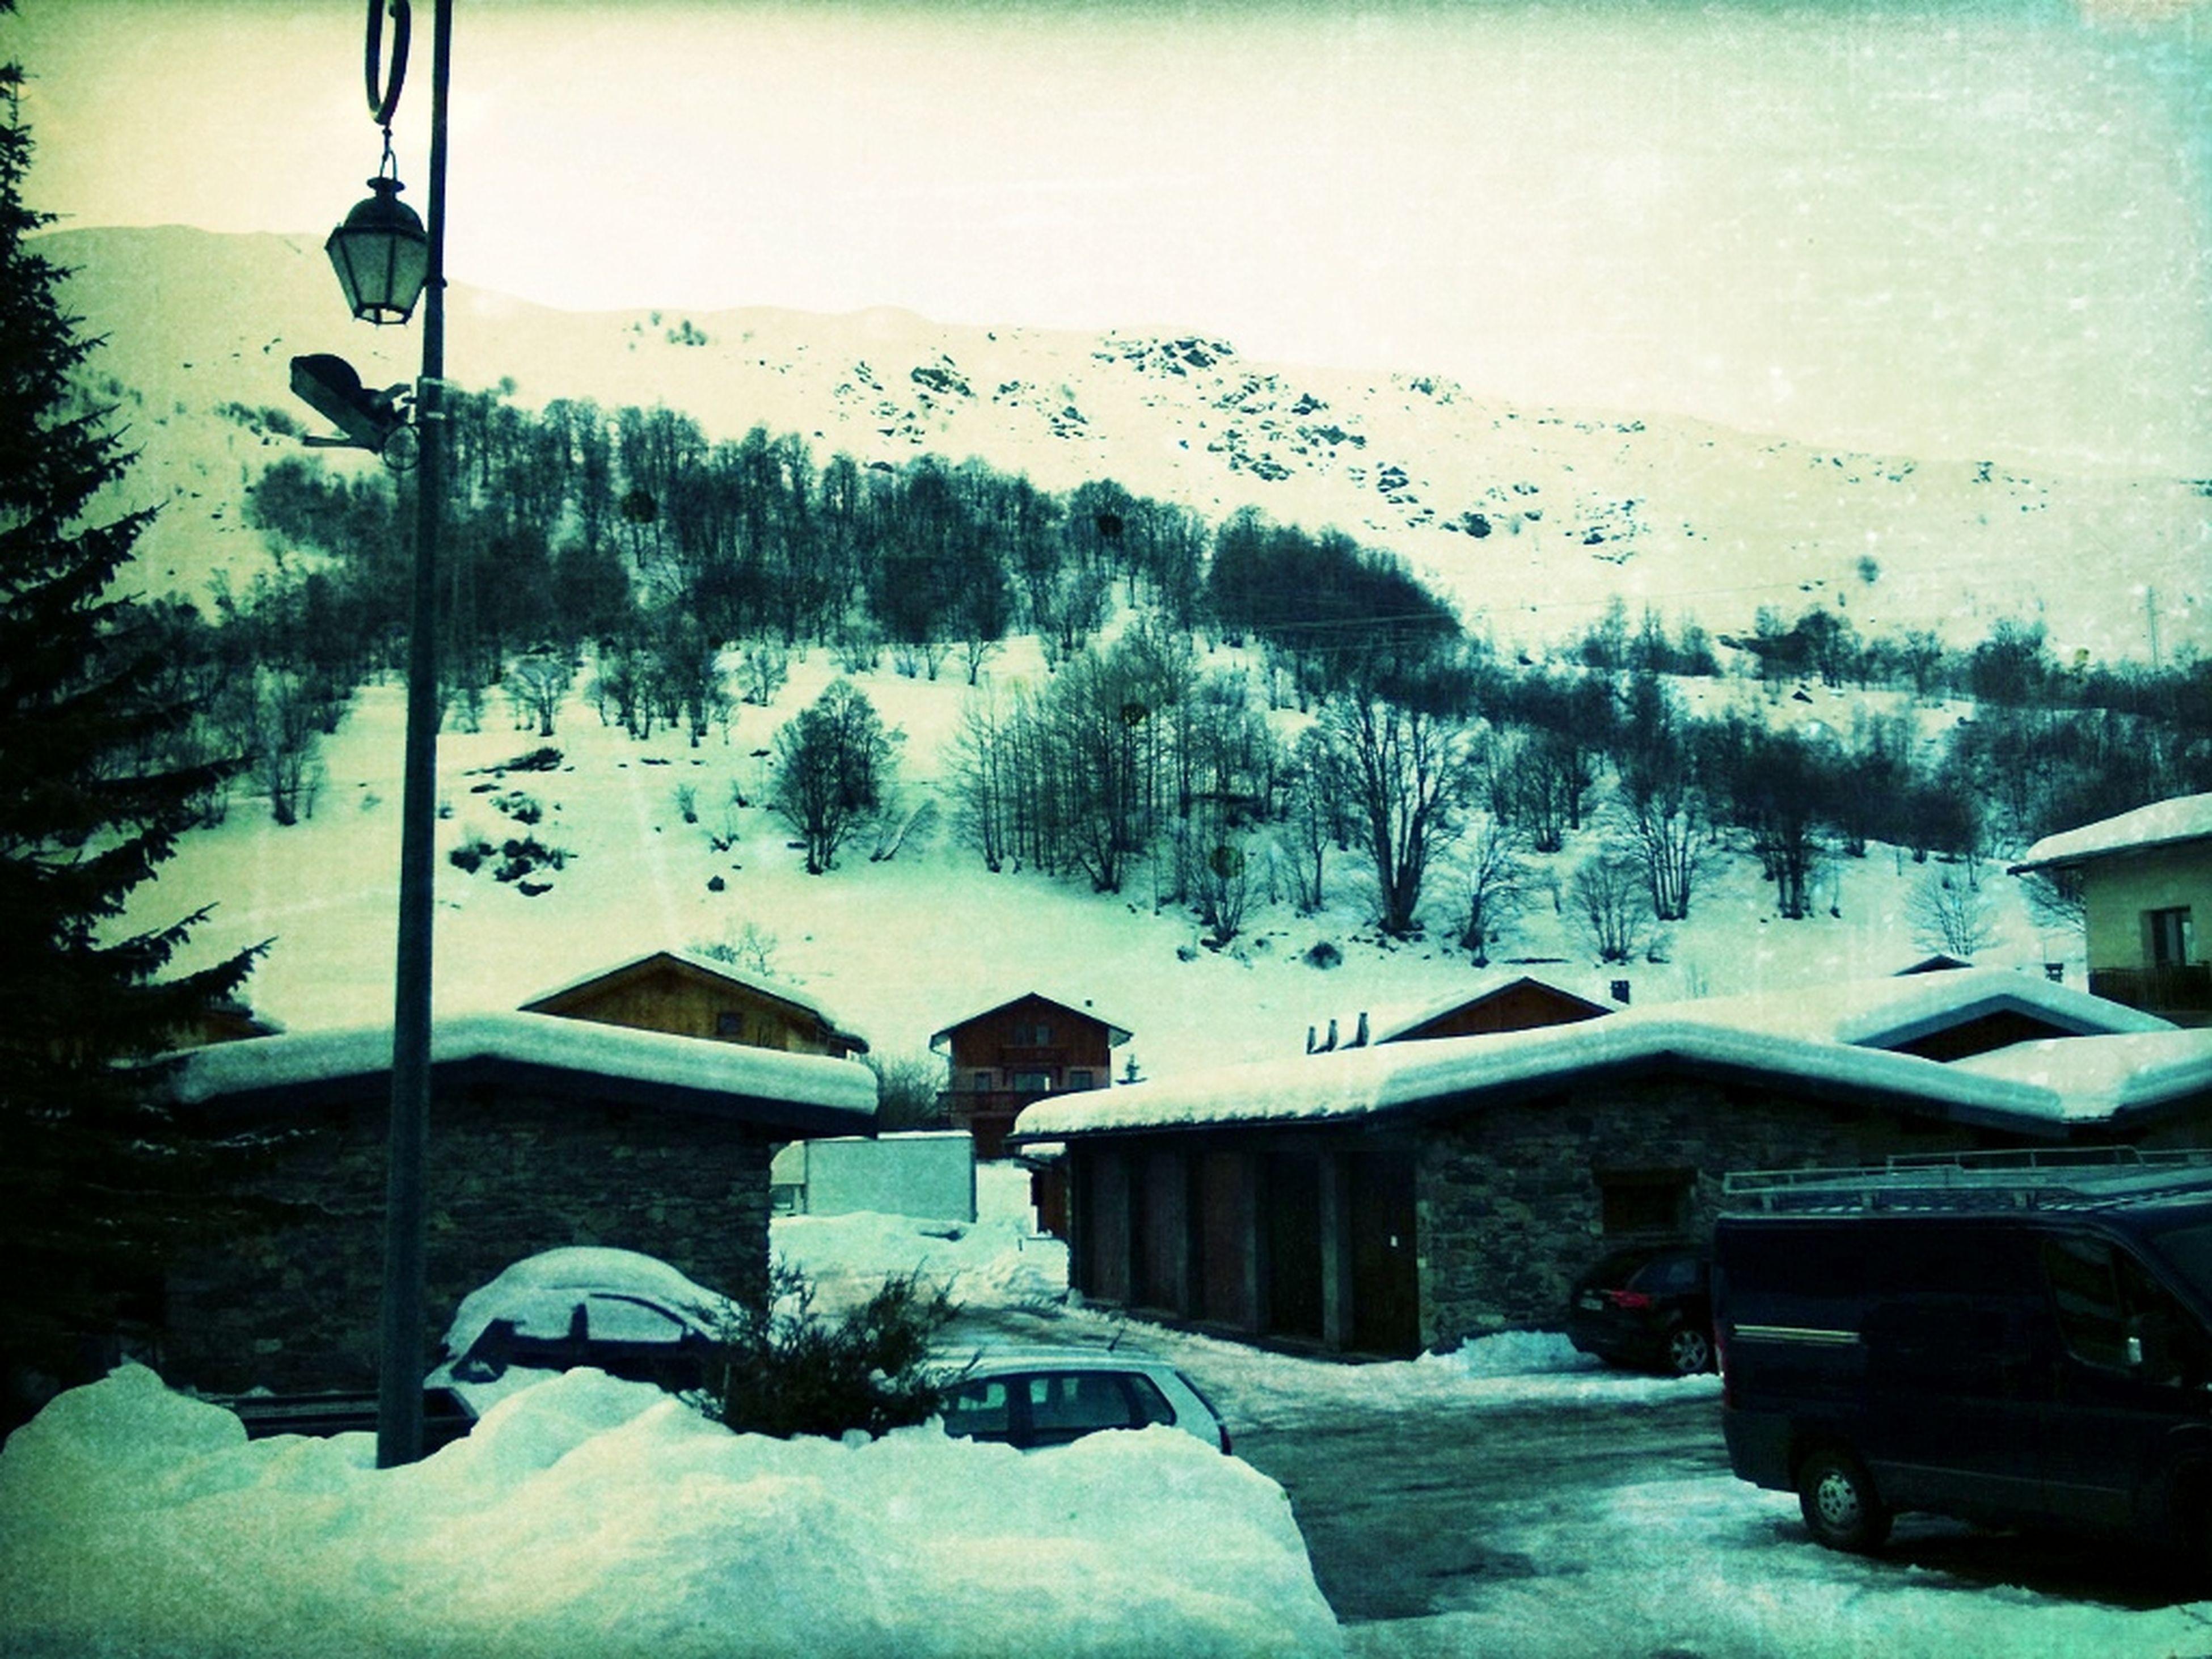 Semaine Ski. Yeaaaaah!